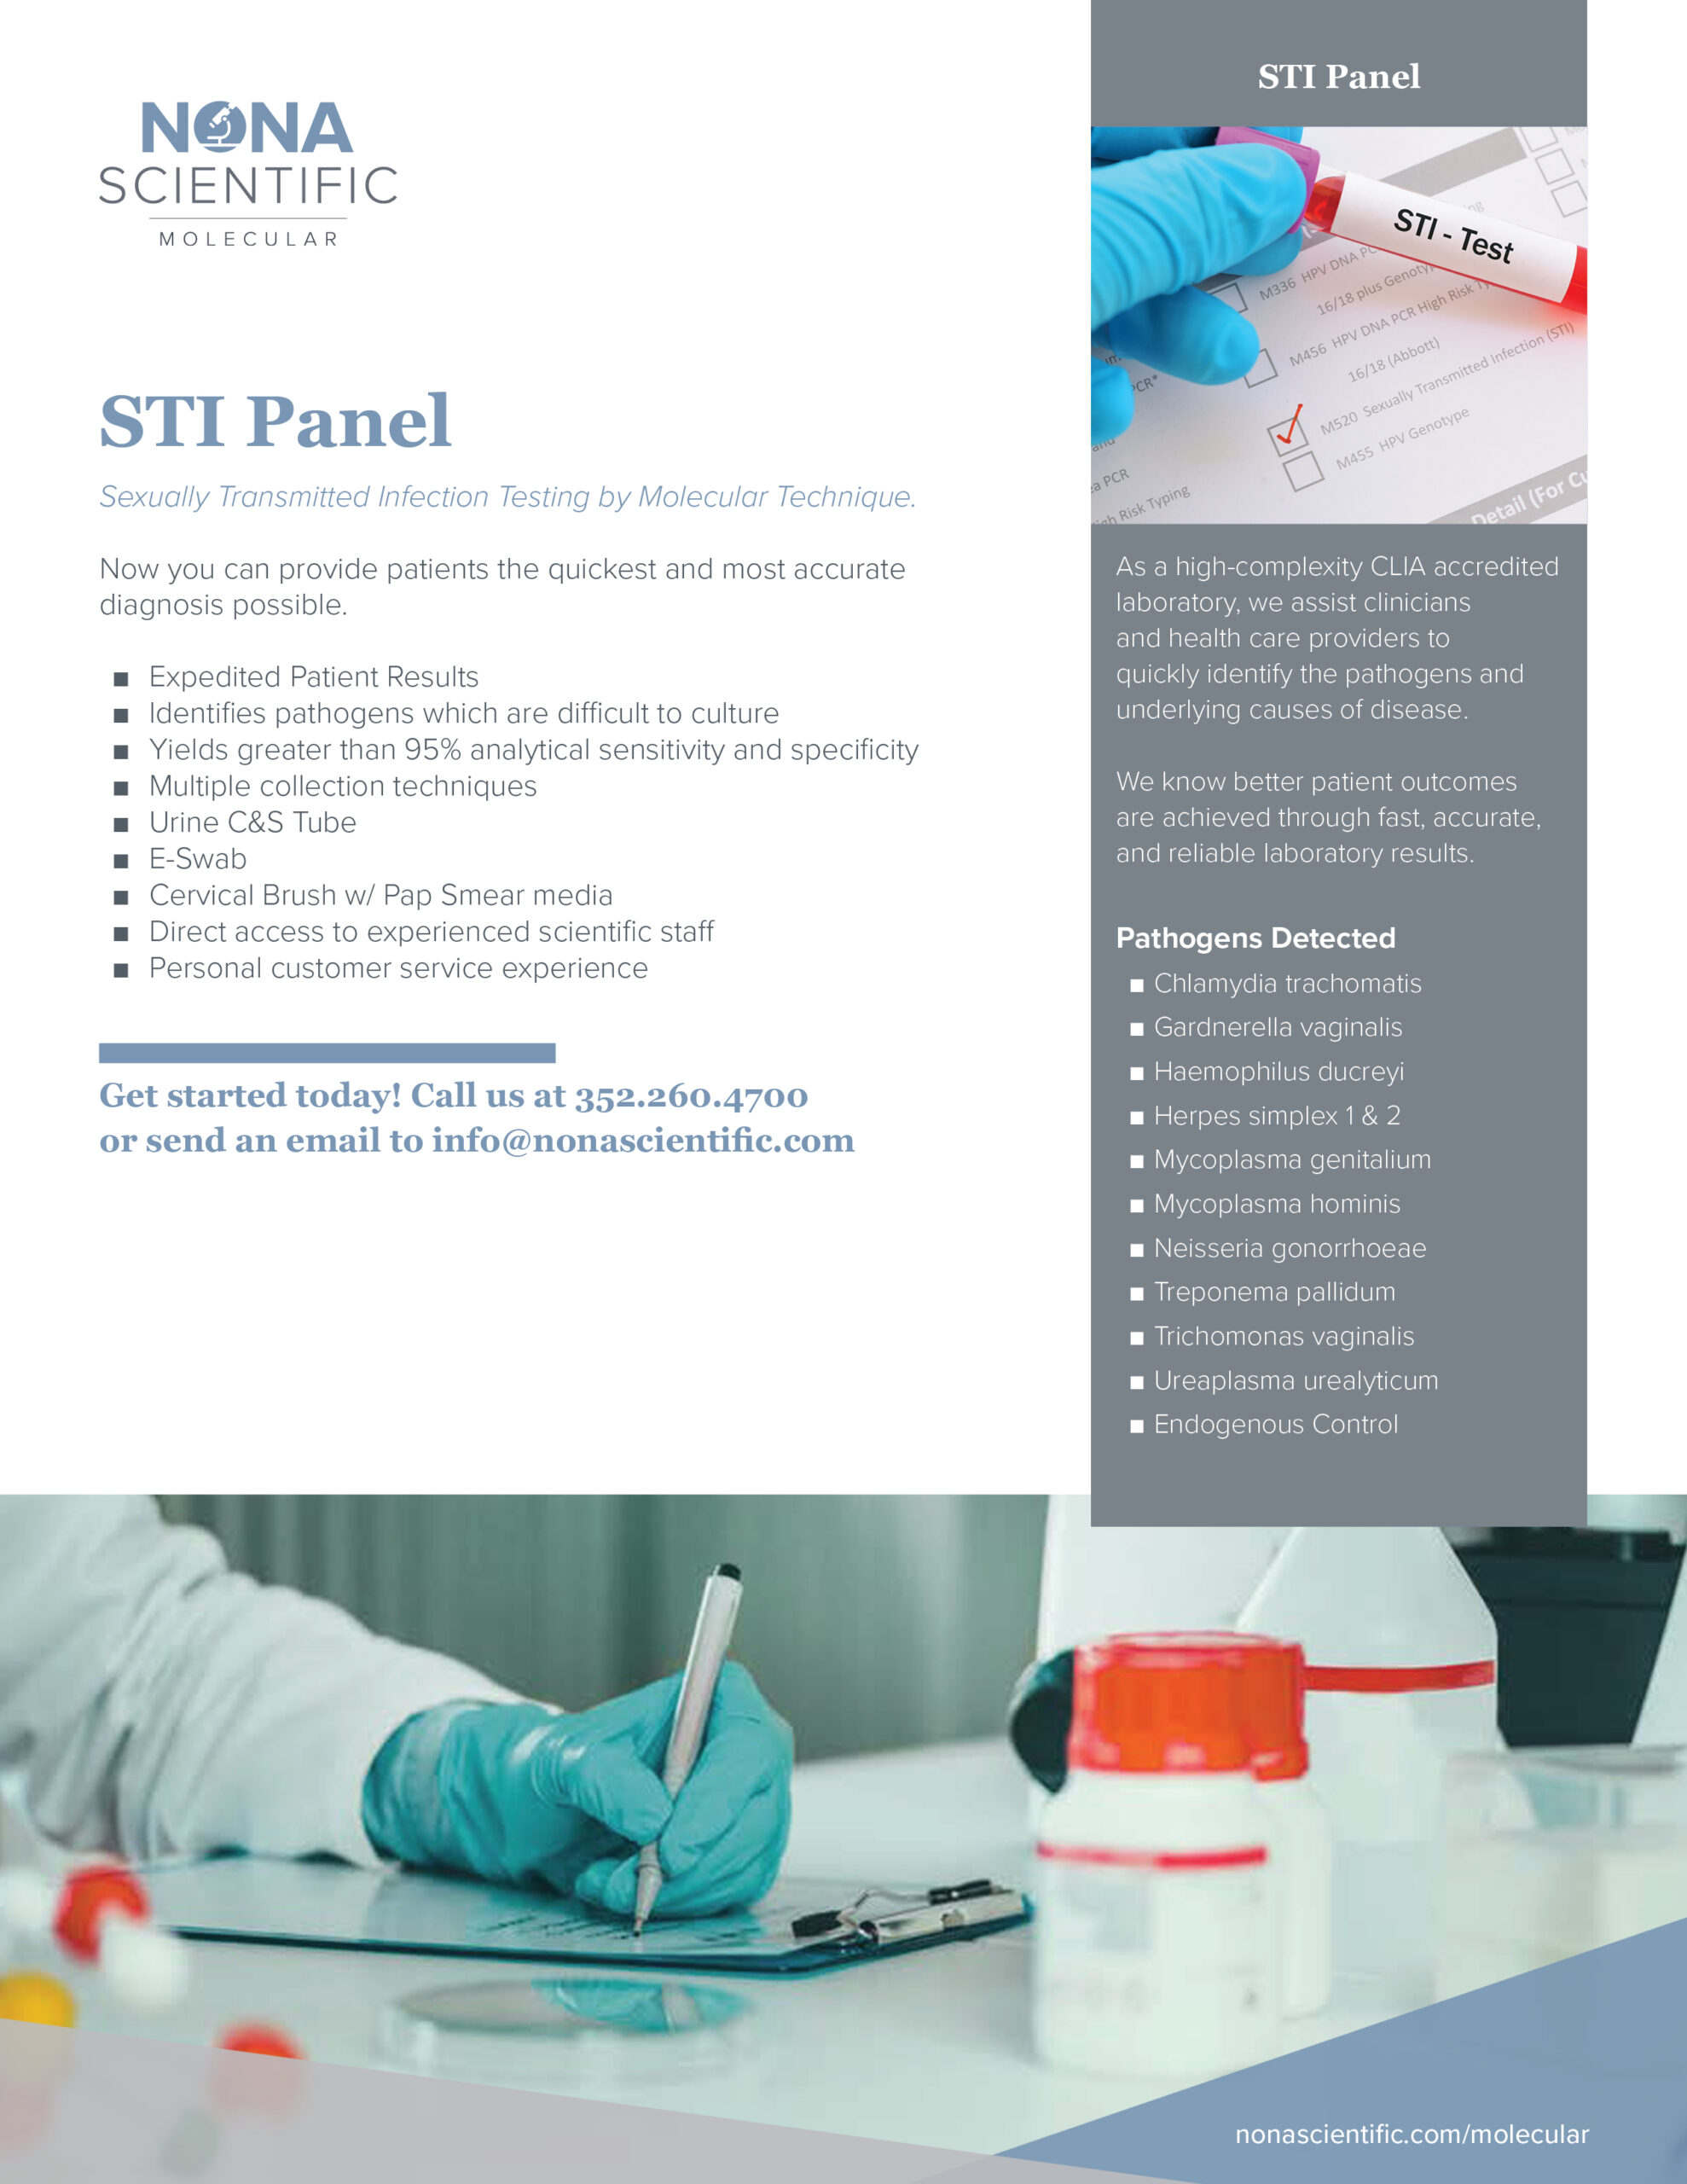 nona-scientific-STI-panel-marketing